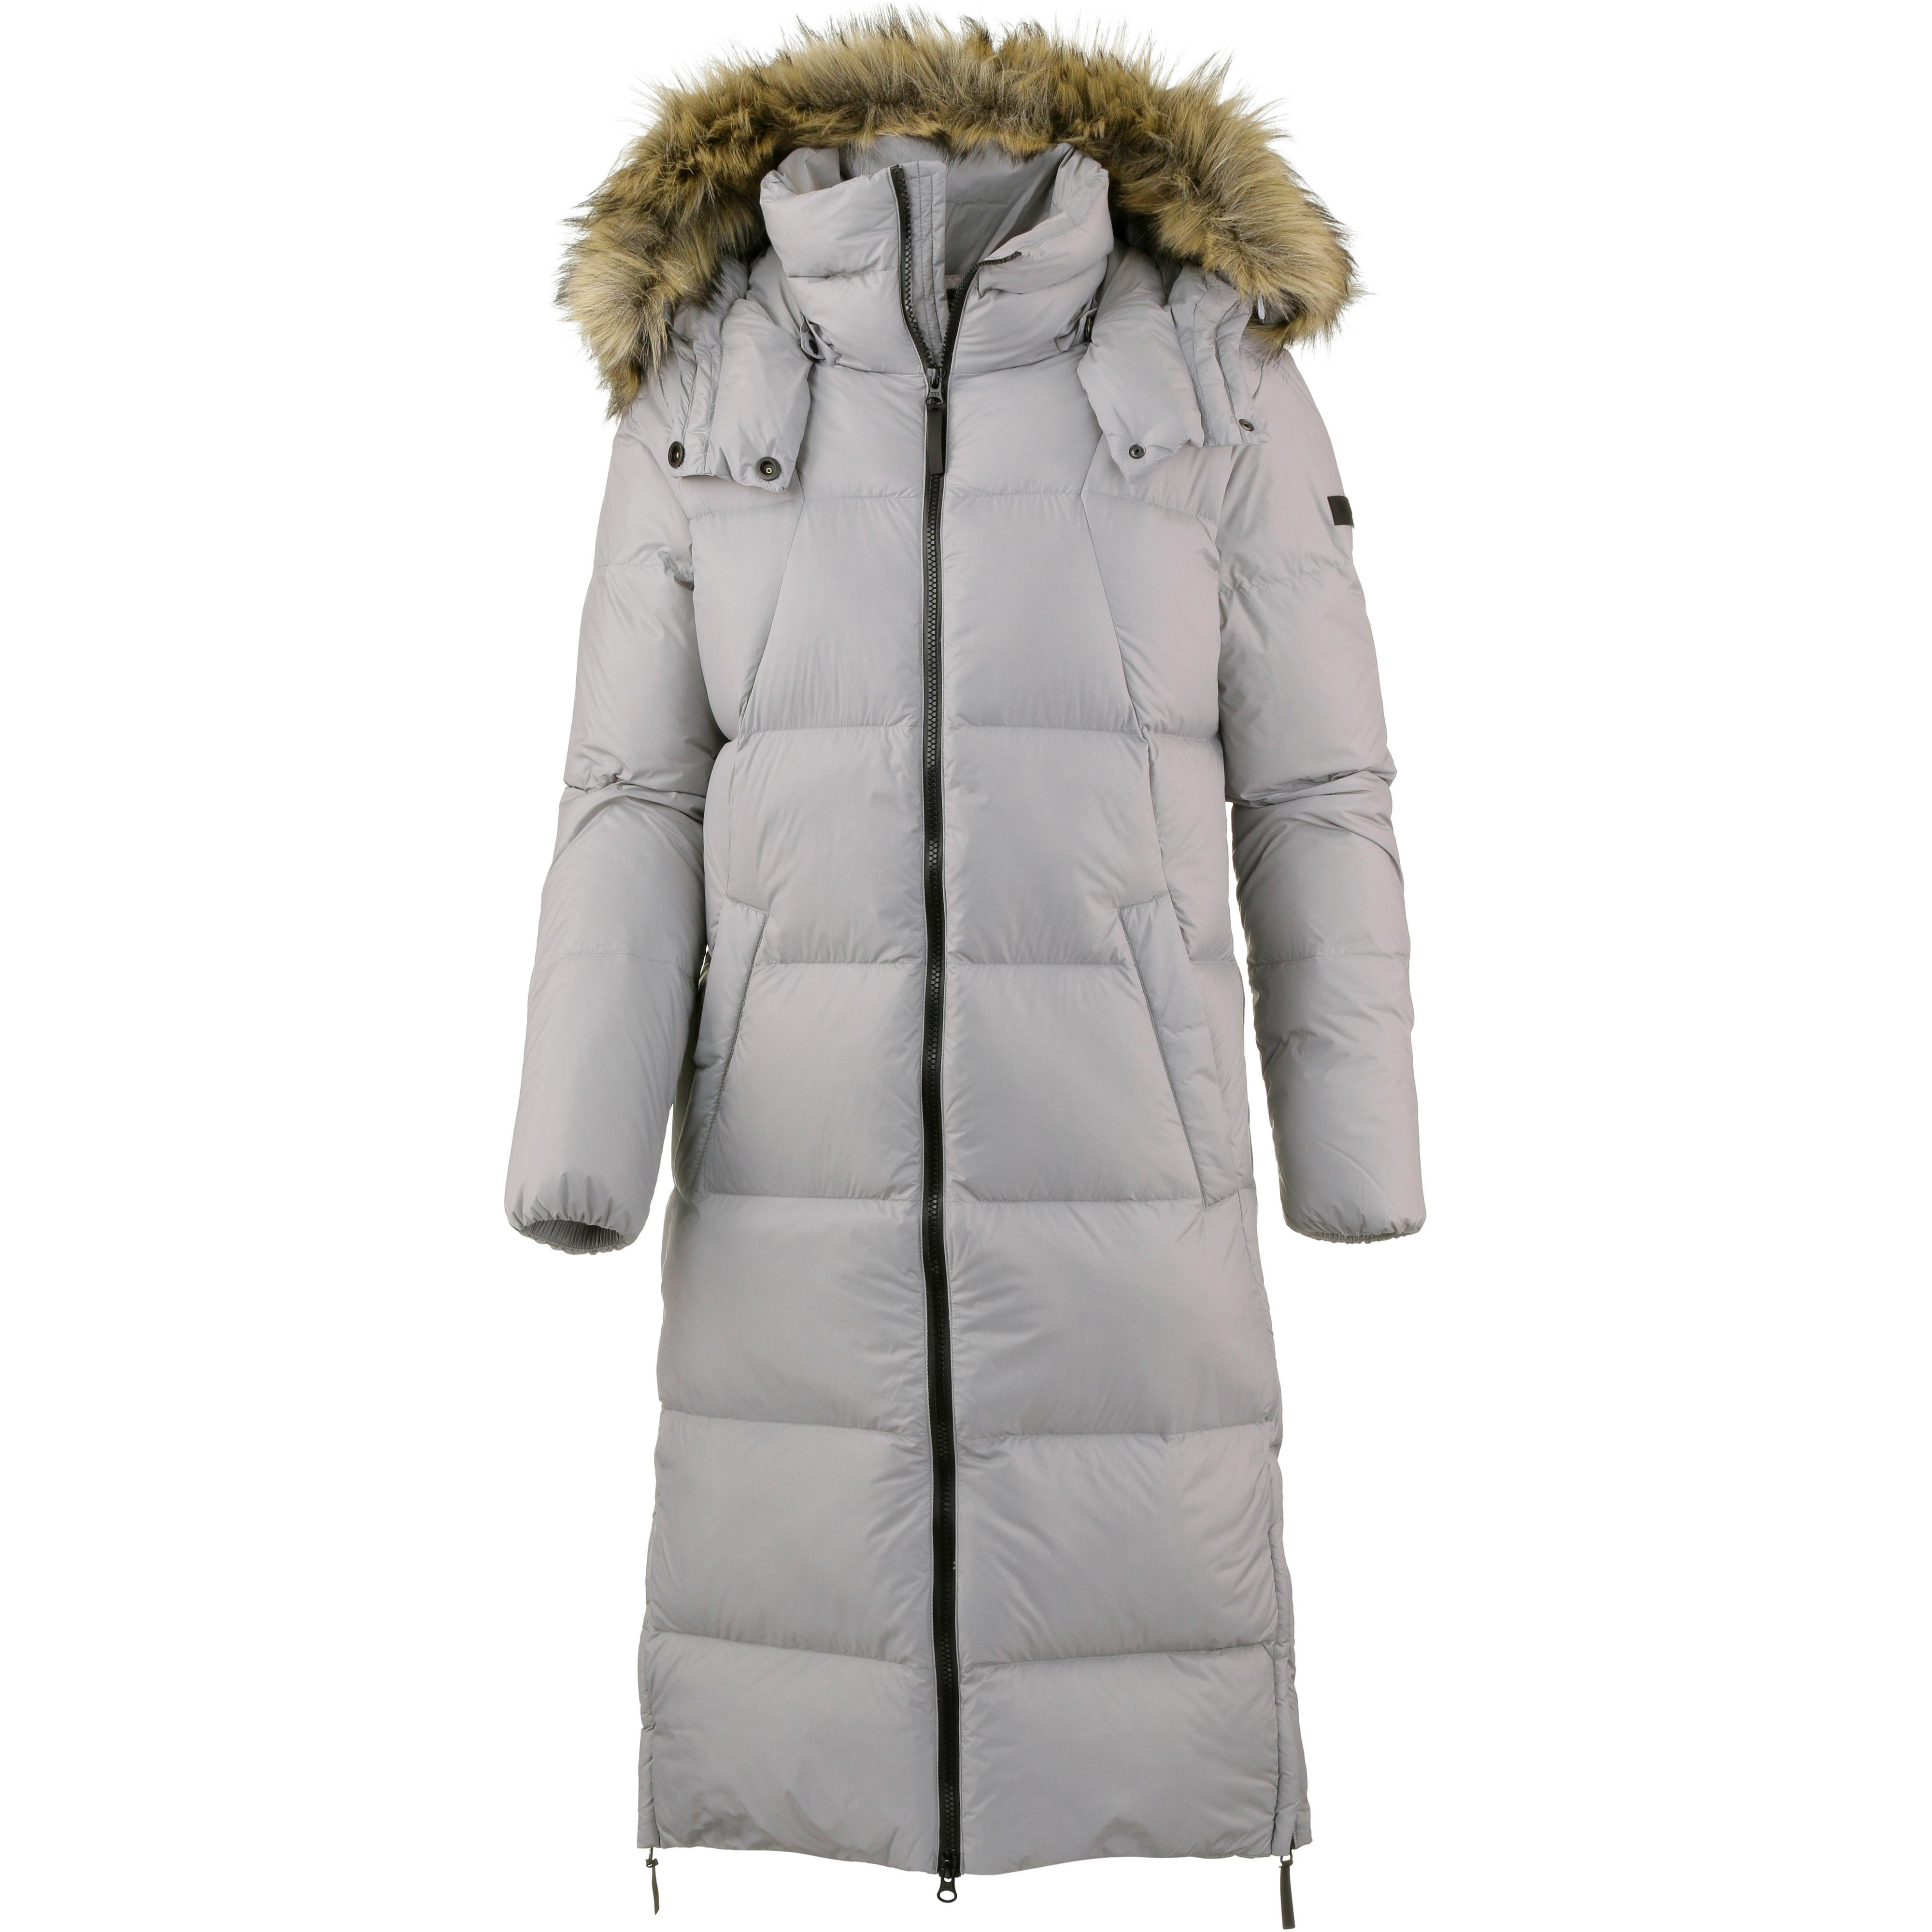 Jack Wolfskin The Great Lakes Daunenmantel Damen slate grey im Online Shop von SportScheck kaufen